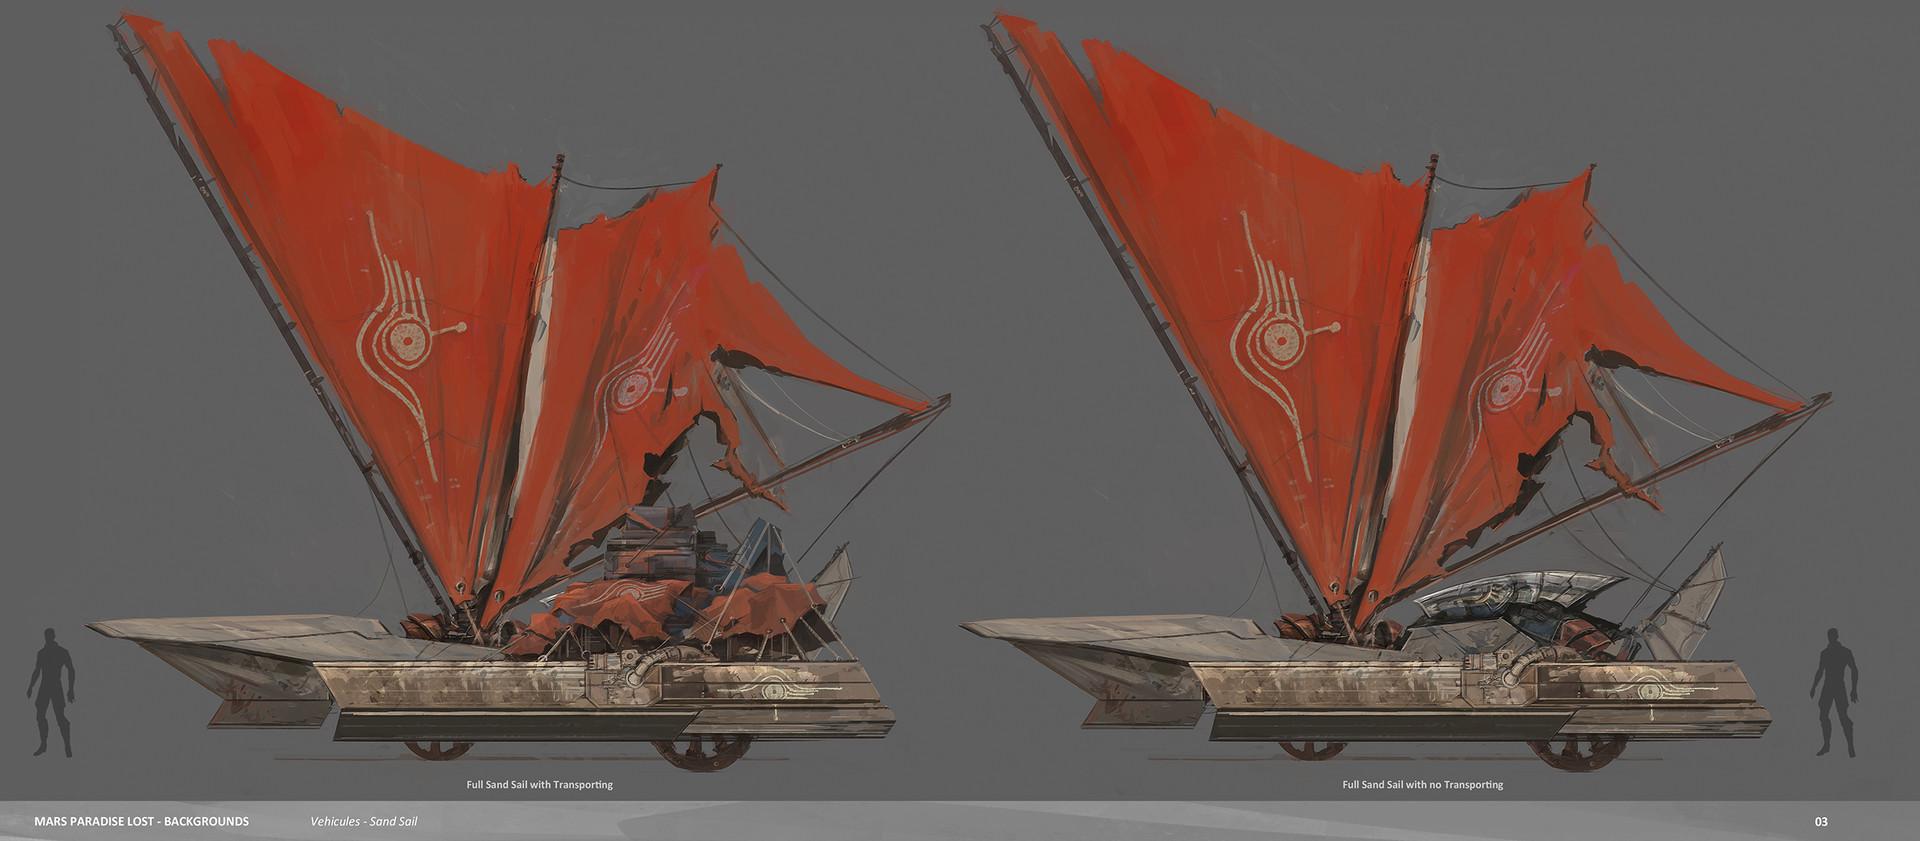 Alexandre chaudret mpl backgrounds vehicules sandsails03